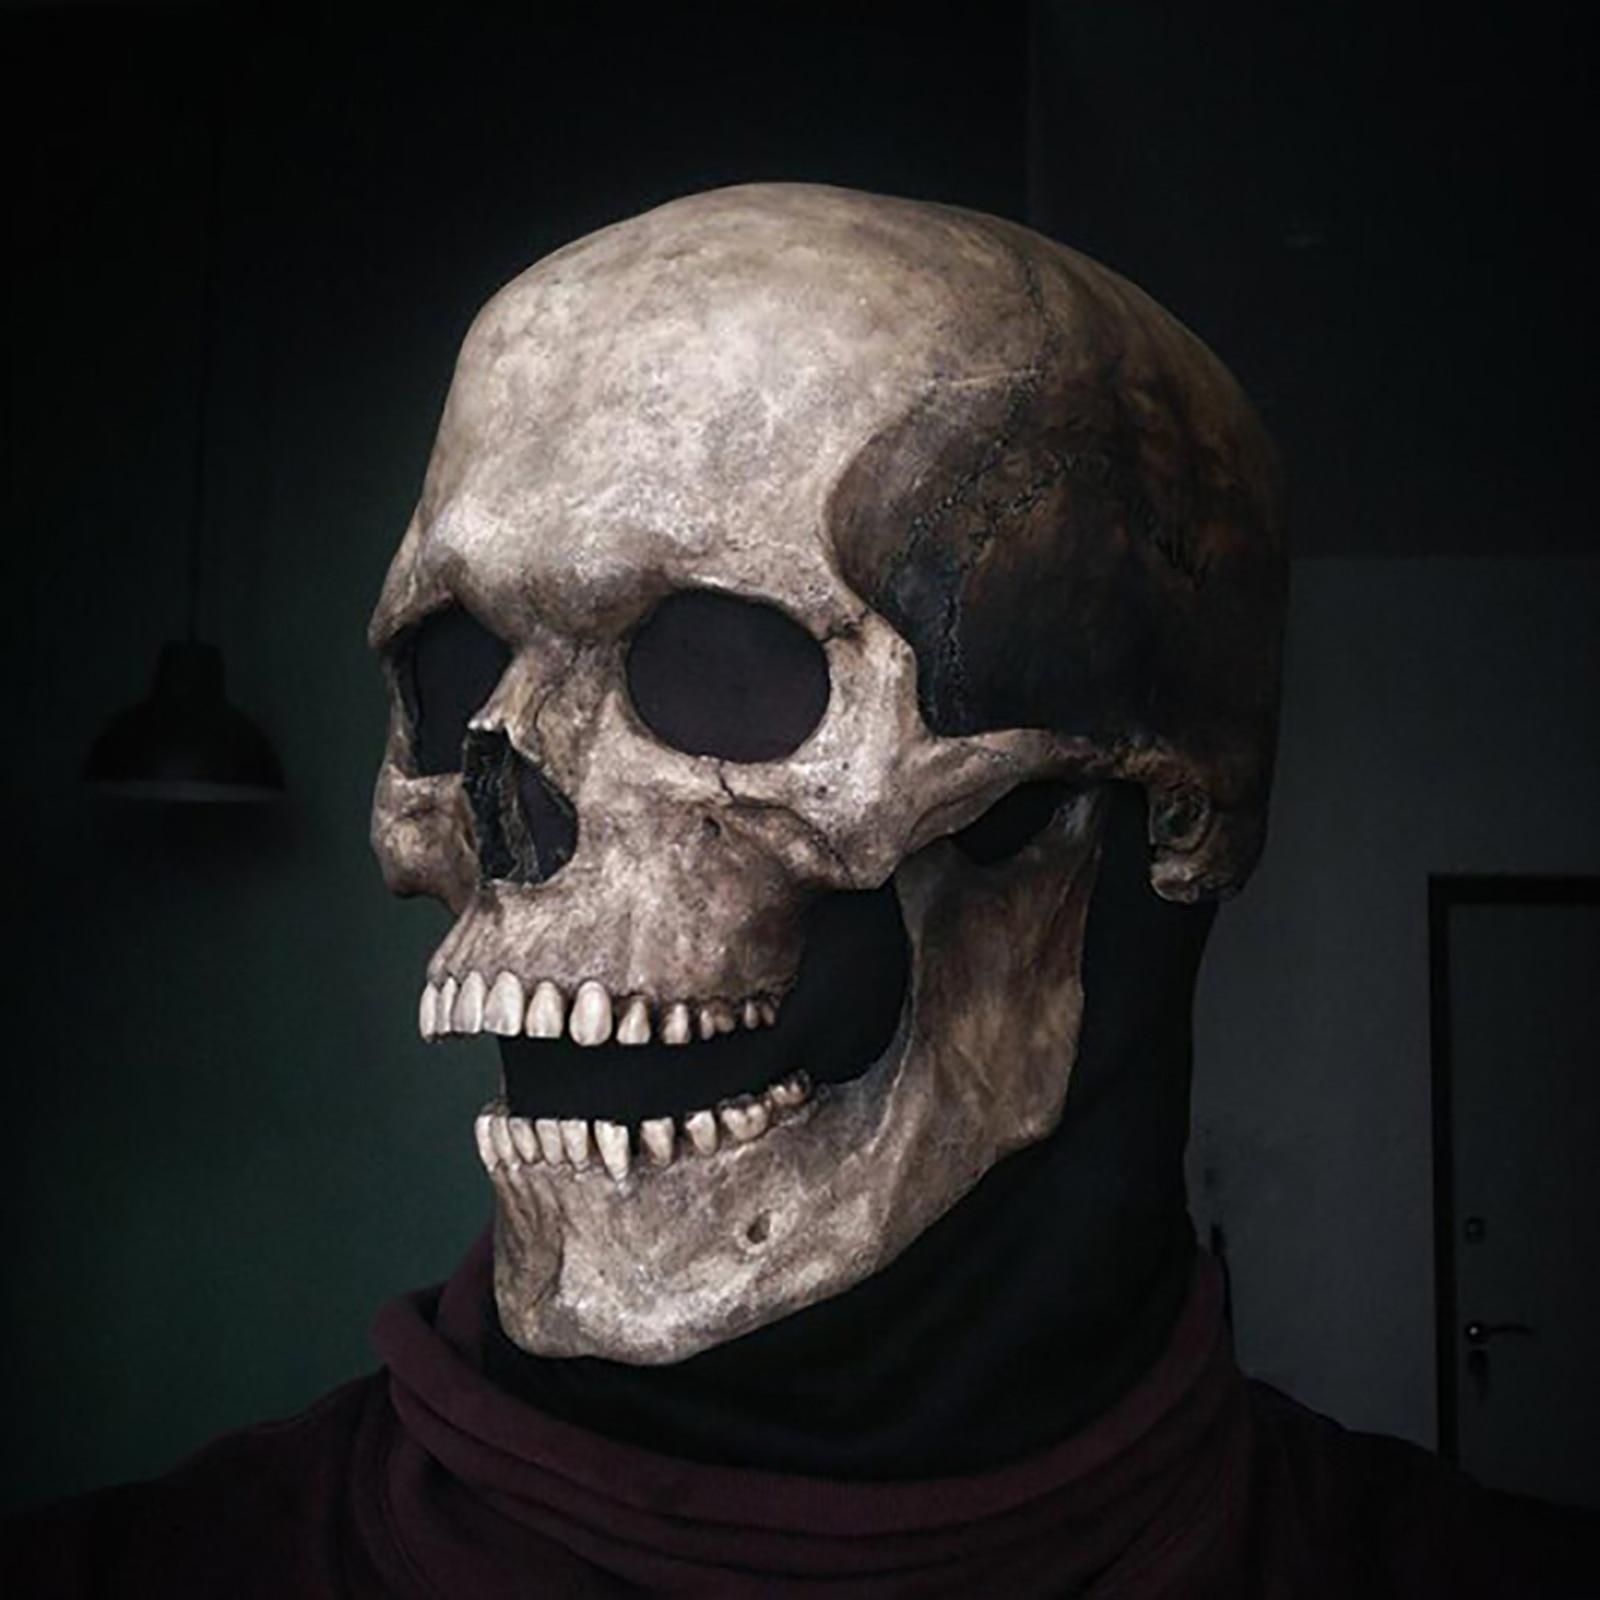 Искусственная-маска-на-голову-с-черепом-на-Хэллоуин-шлем-с-подвижными-челюстями-2021-креативные-смешные-страшные-маски-унисекс-для-взрослых